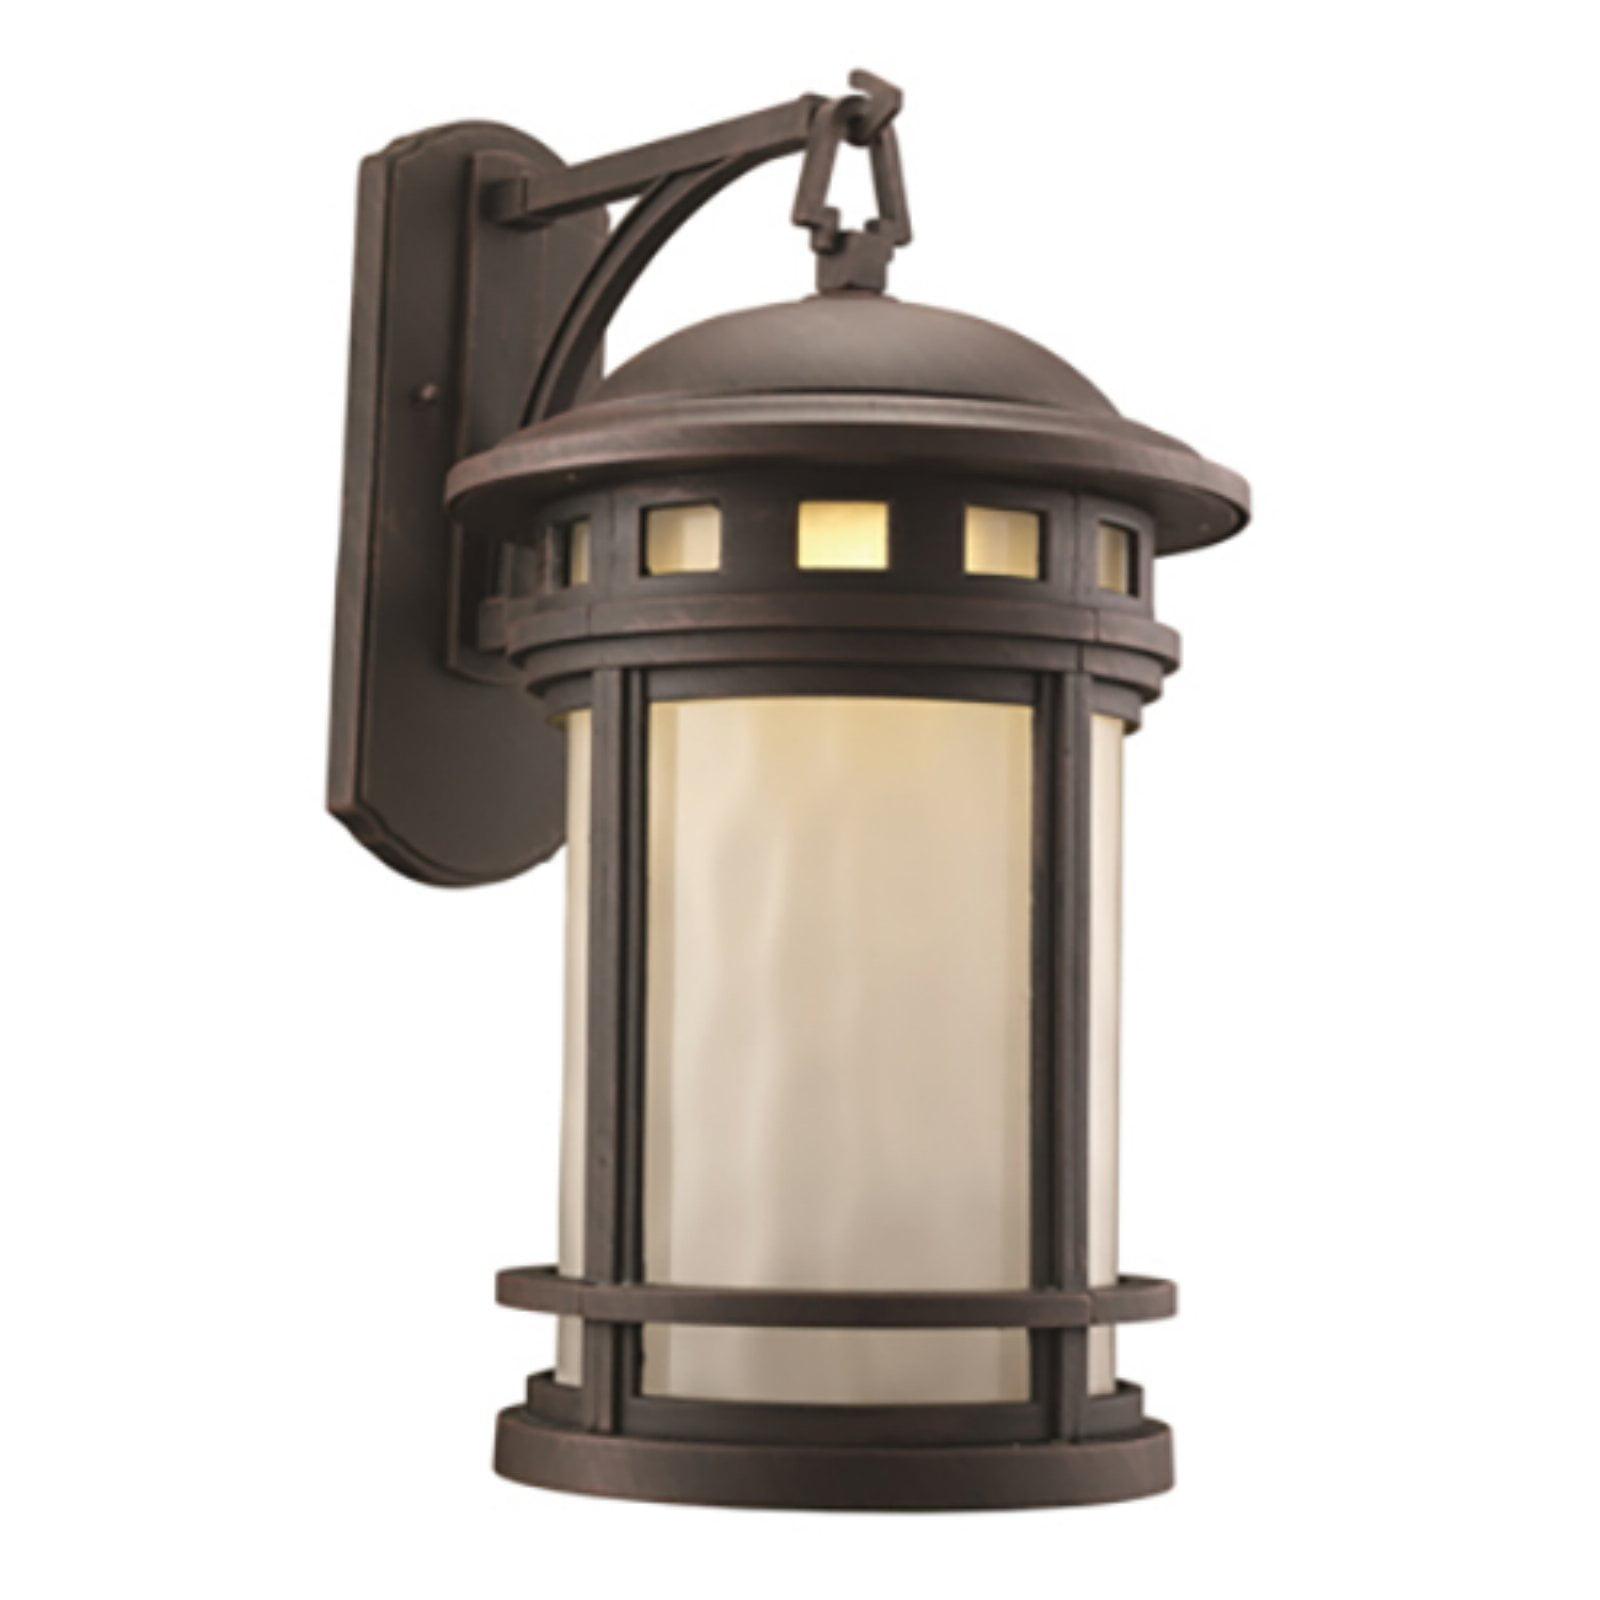 Trans Globe Lighting Boardwalk 4037 Outdoor Wall Lantern